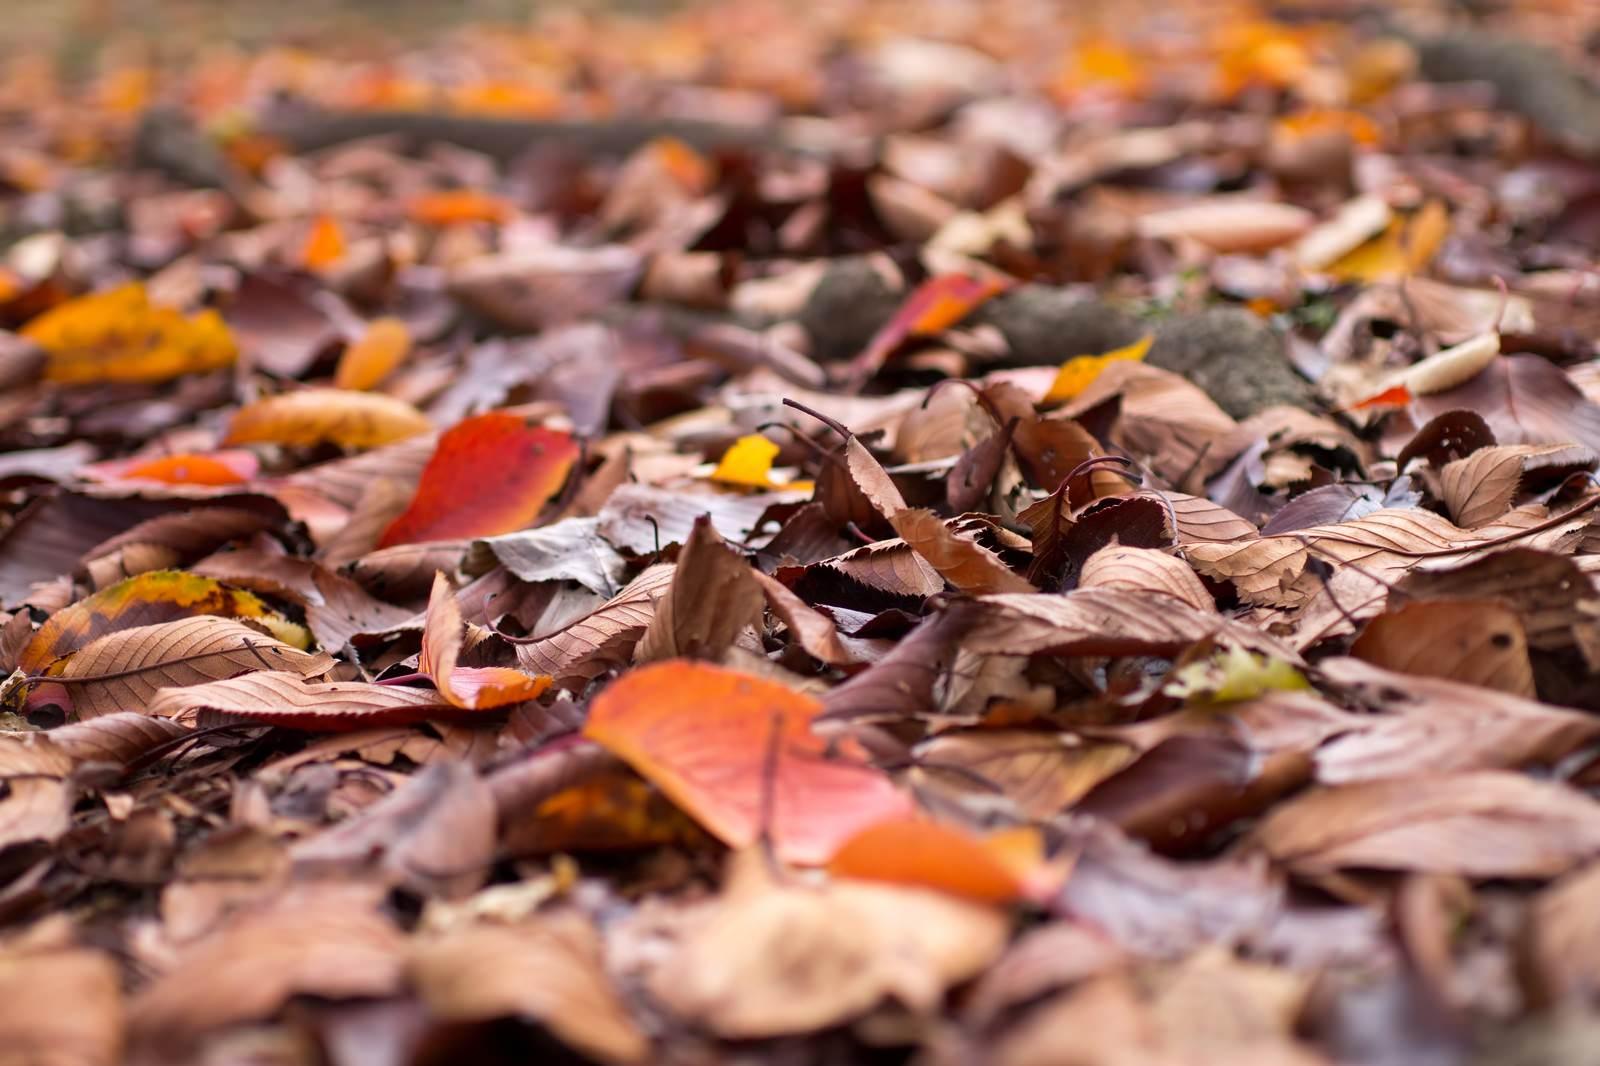 「落ち葉の様子」の写真